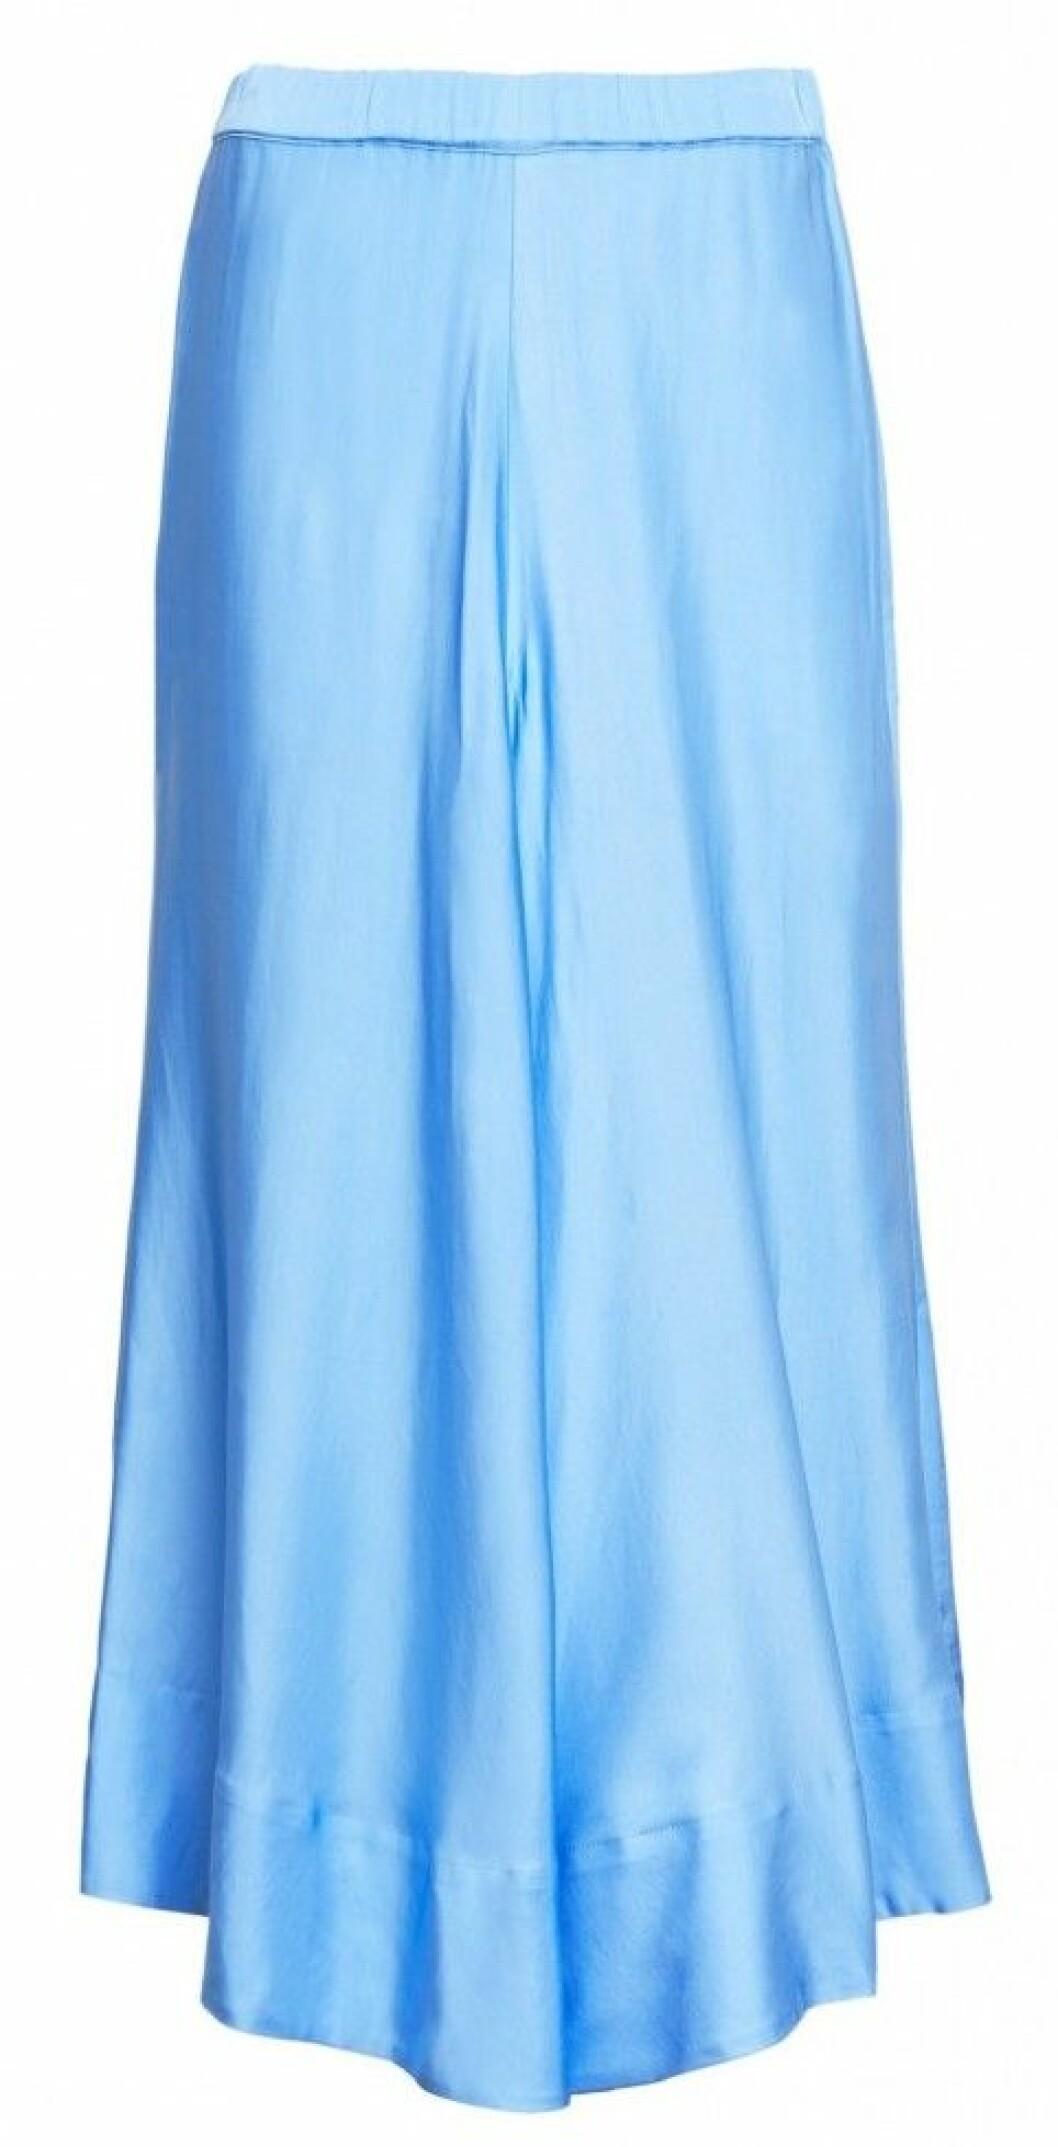 blå midikjol från Rodebjer.